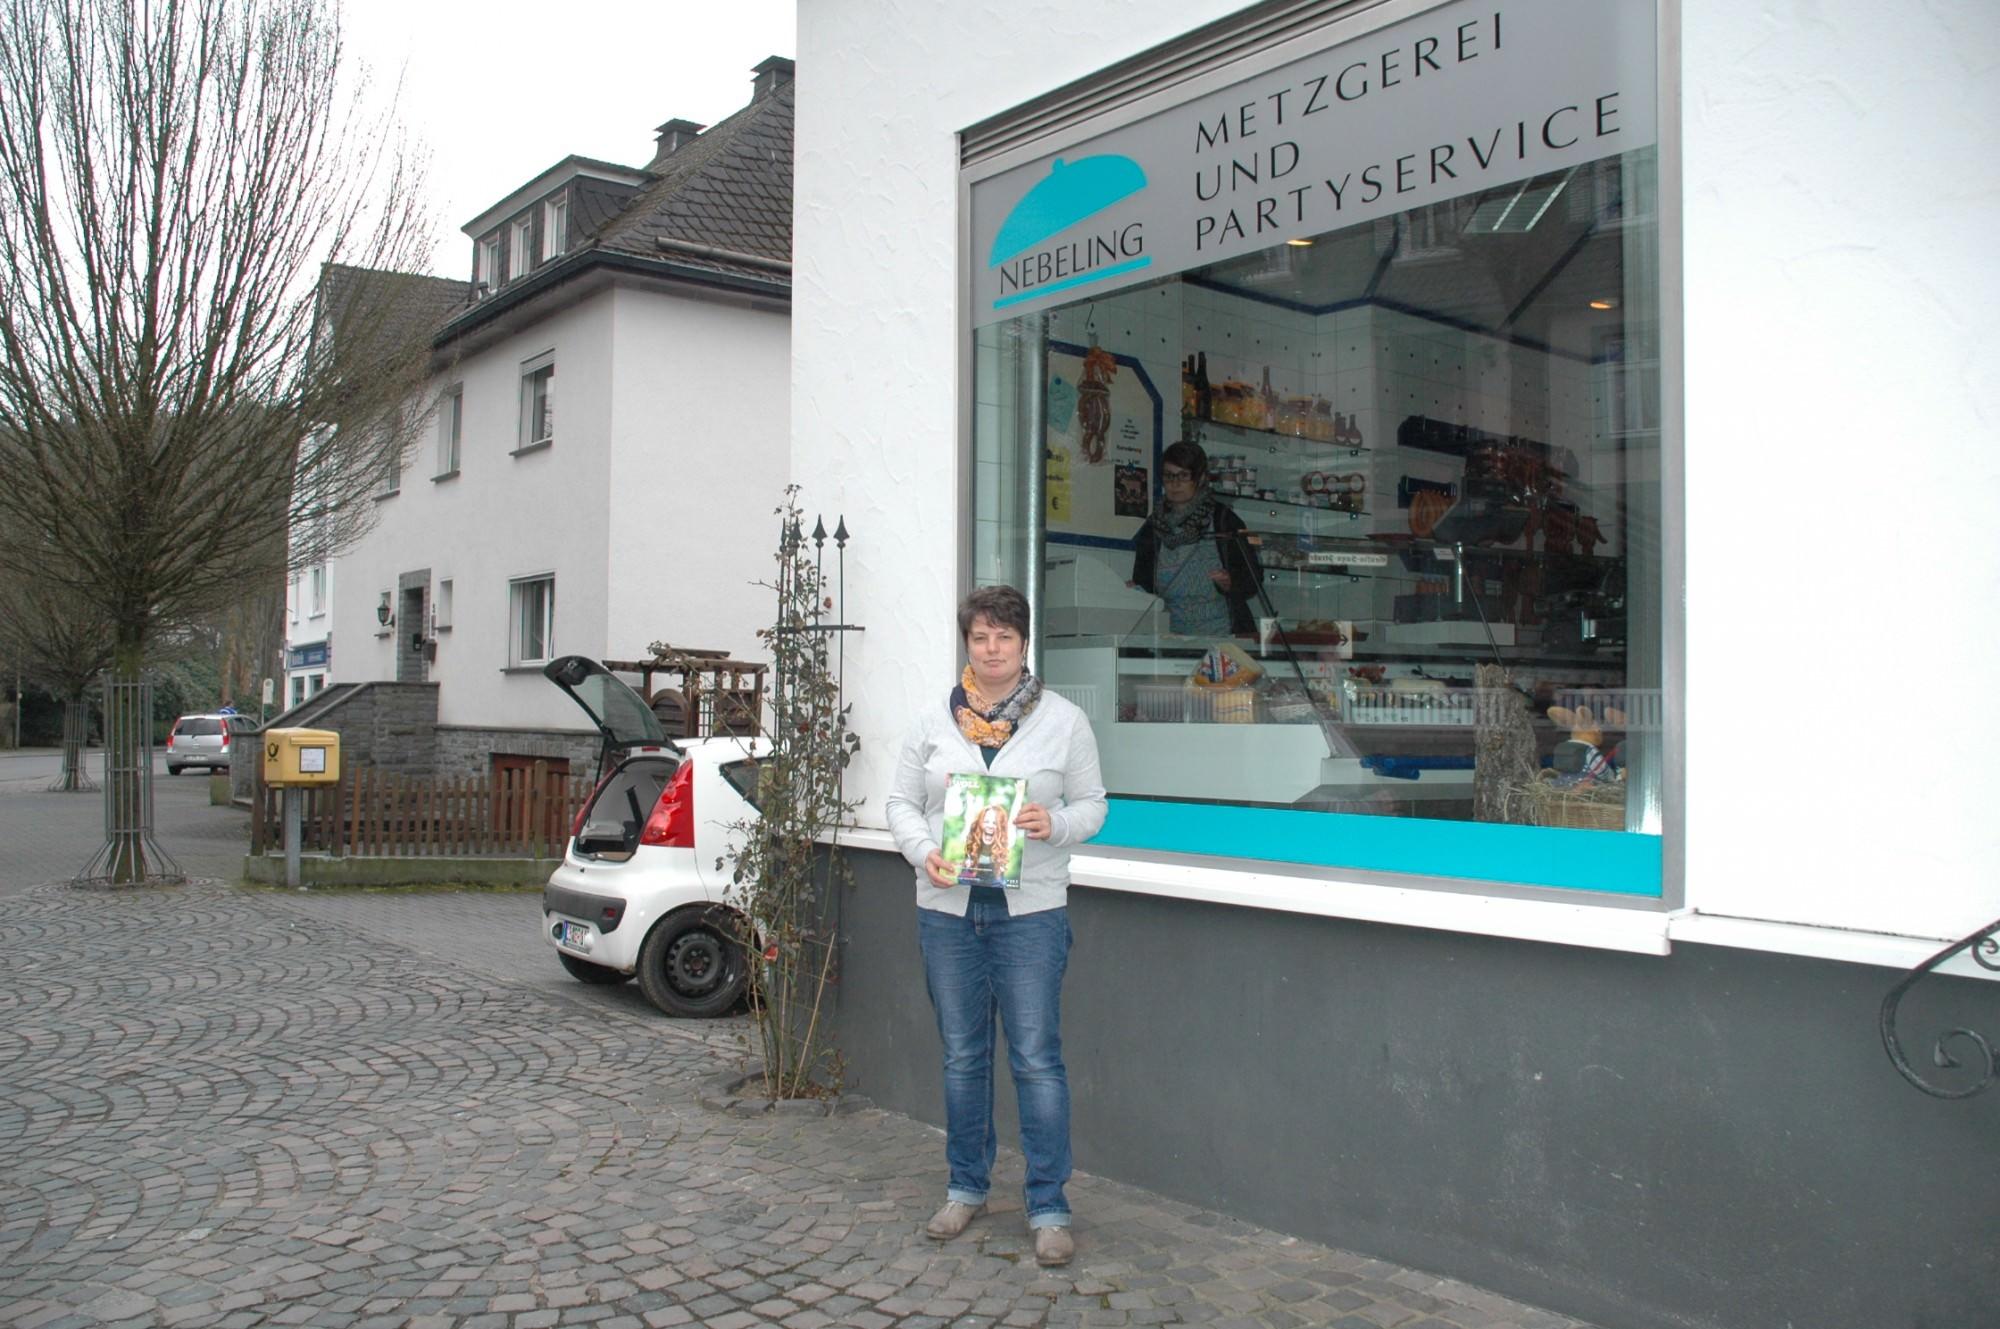 Metzgerei Nebeling in Drolshagen